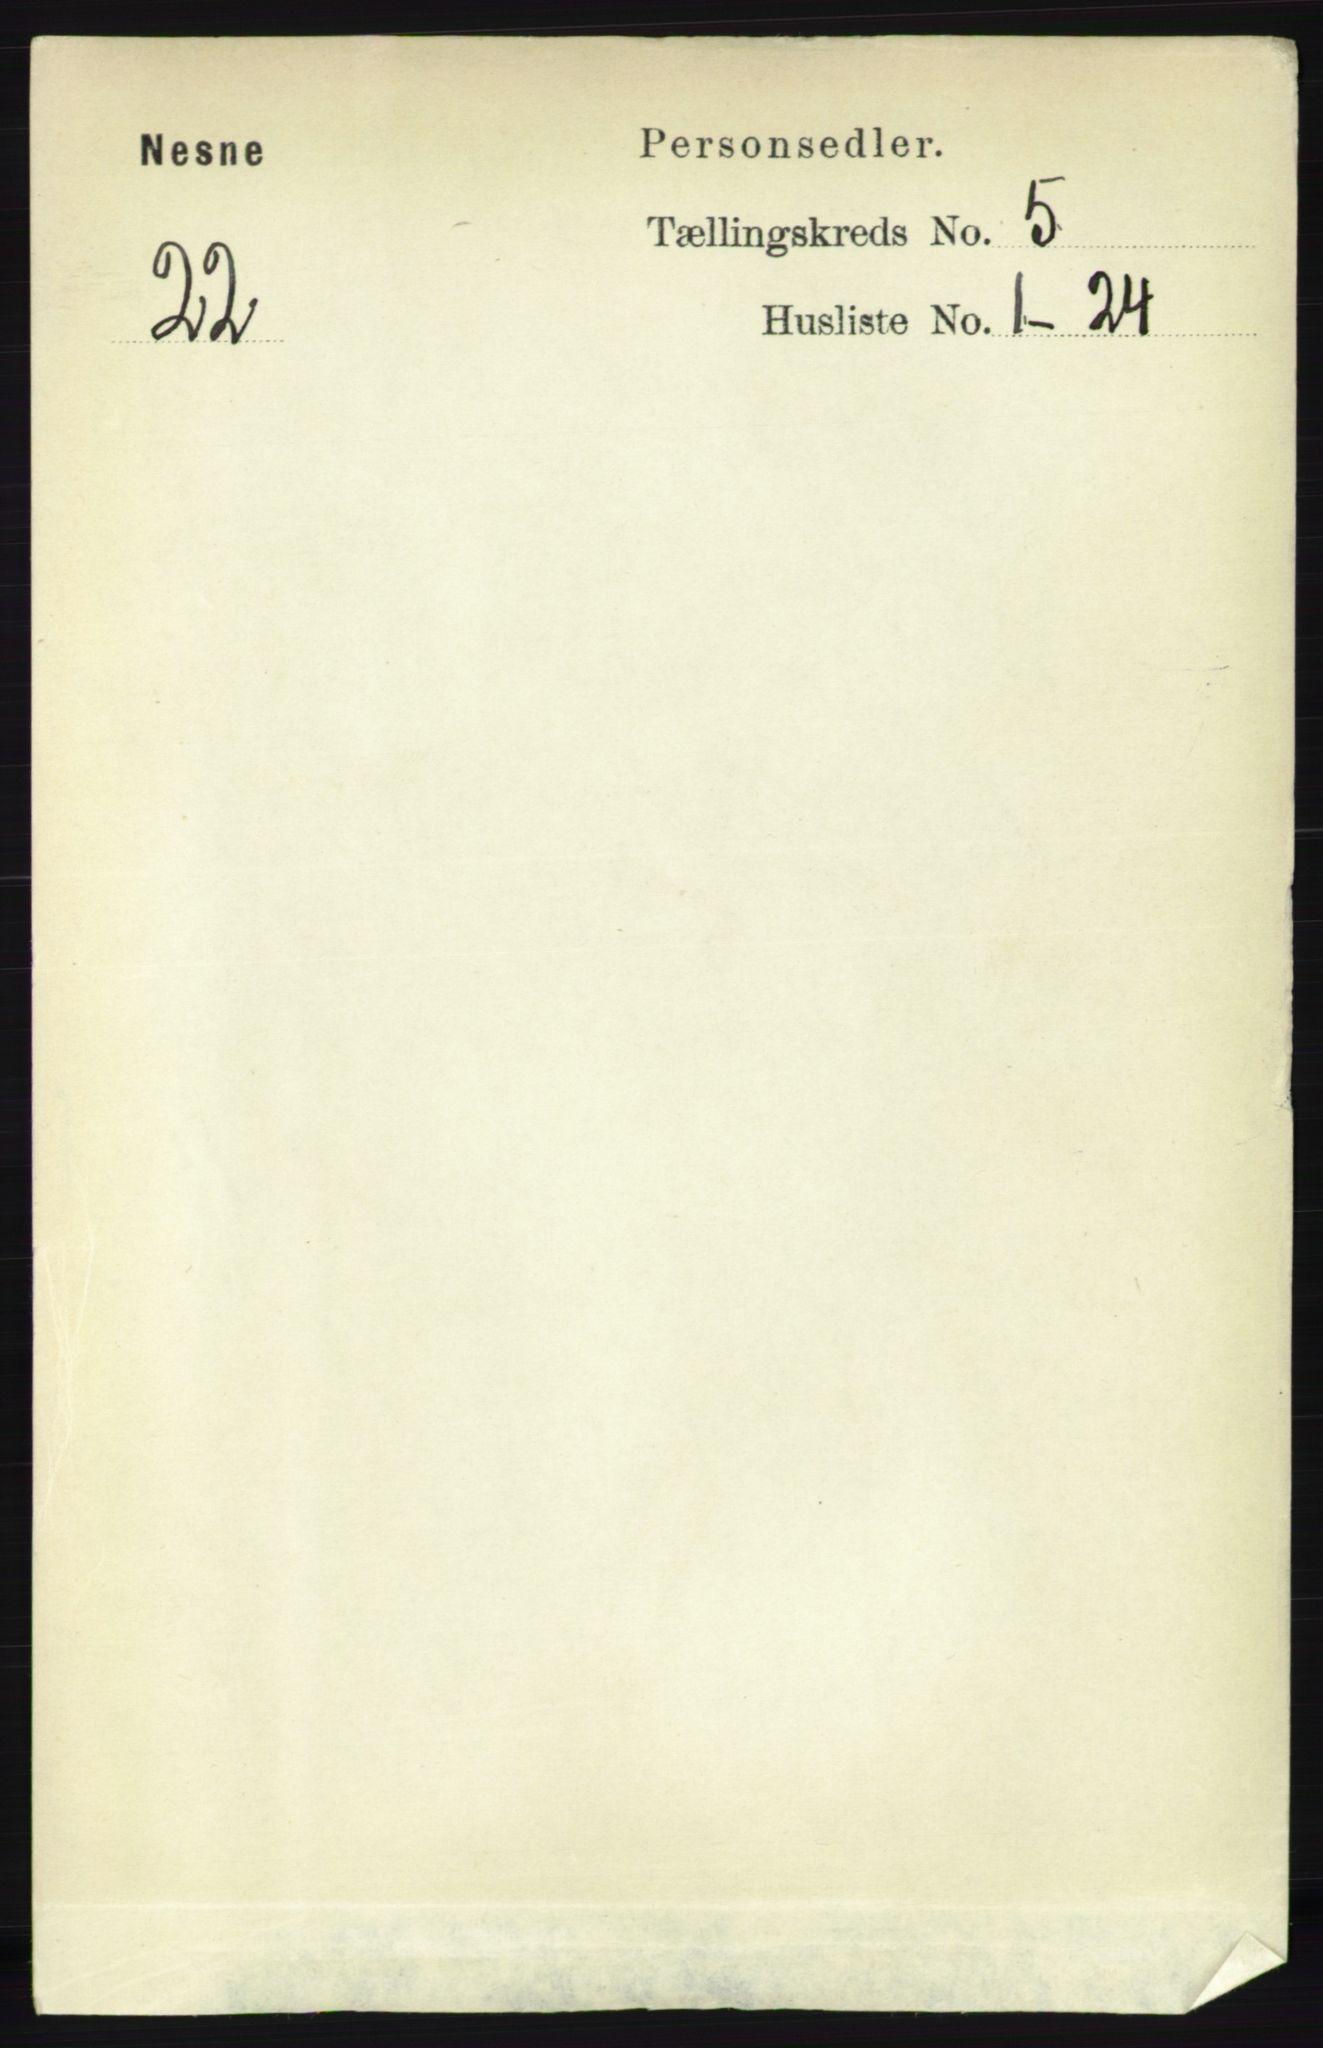 RA, Folketelling 1891 for 1828 Nesna herred, 1891, s. 2779